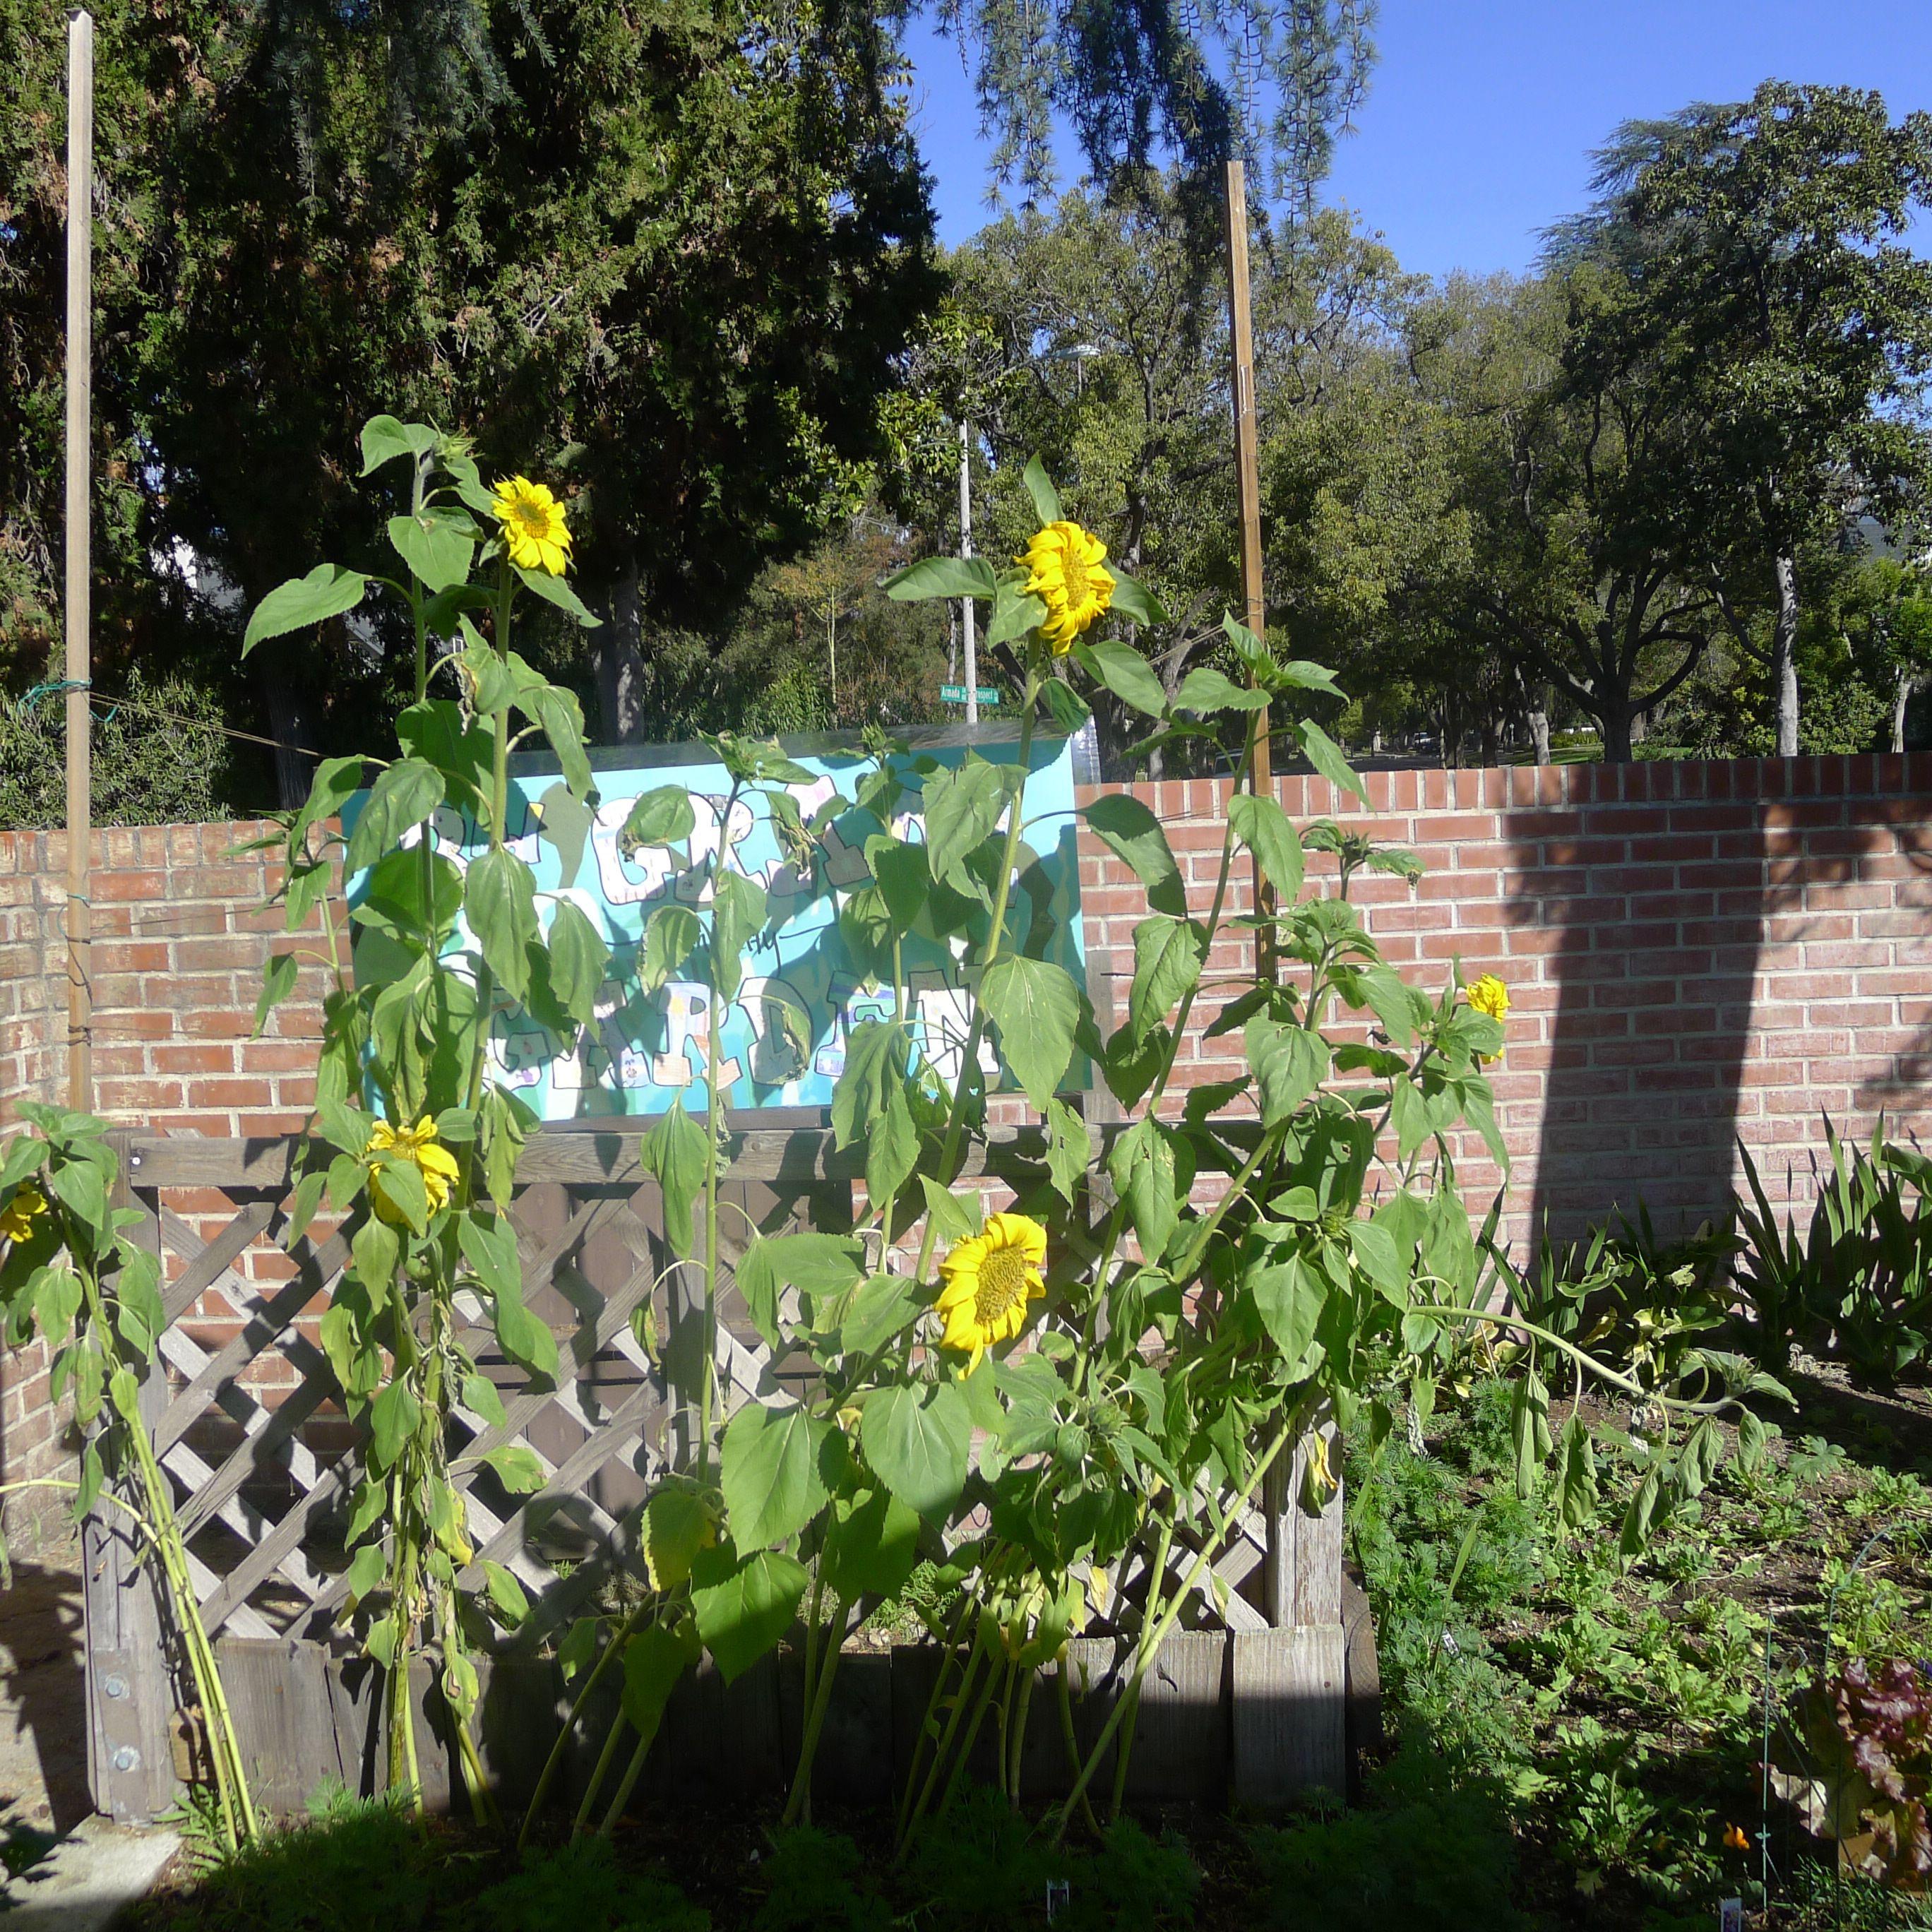 A garden grows at Chandler!